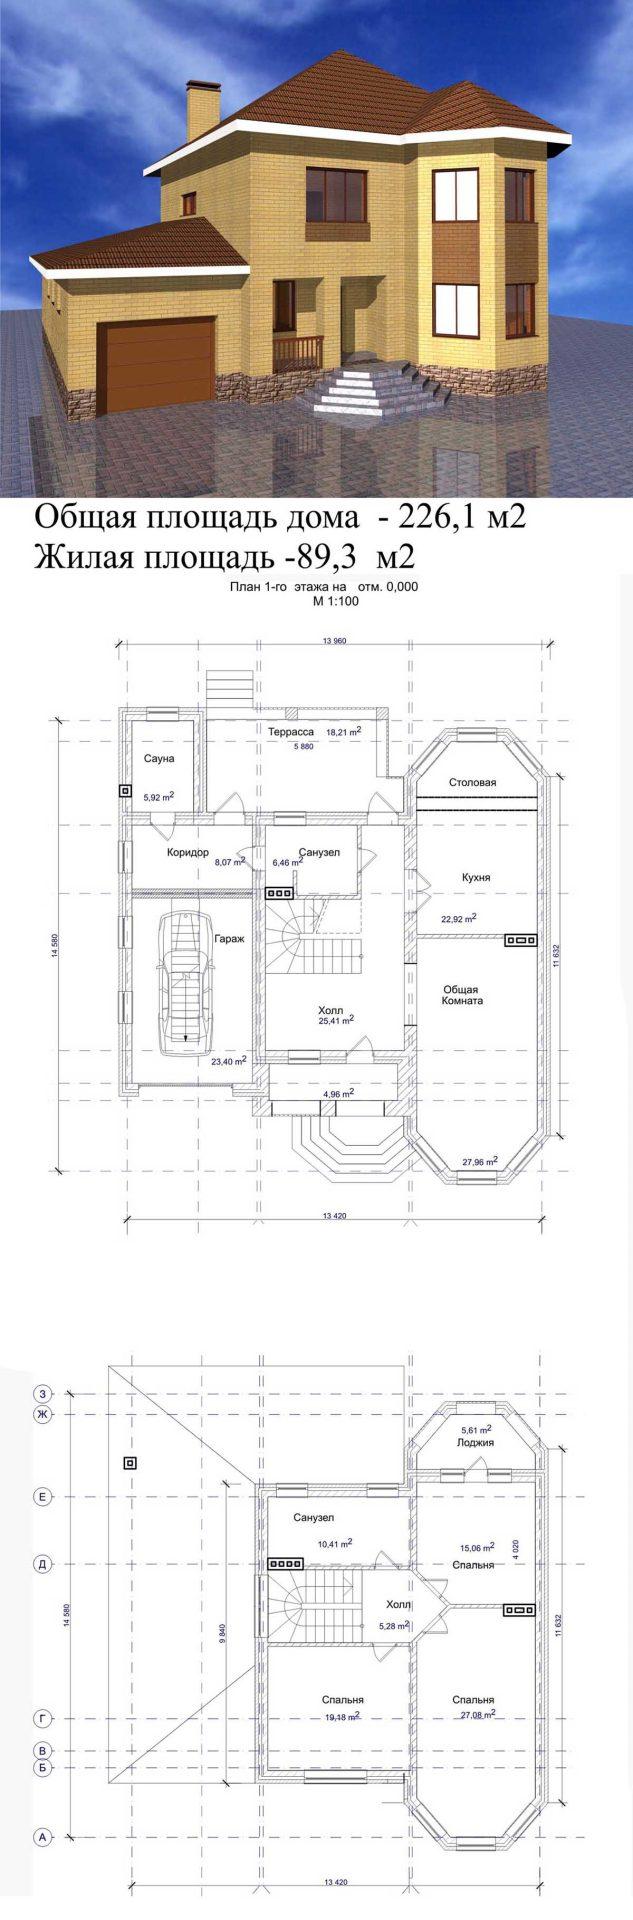 Проект современного дома в два этажа